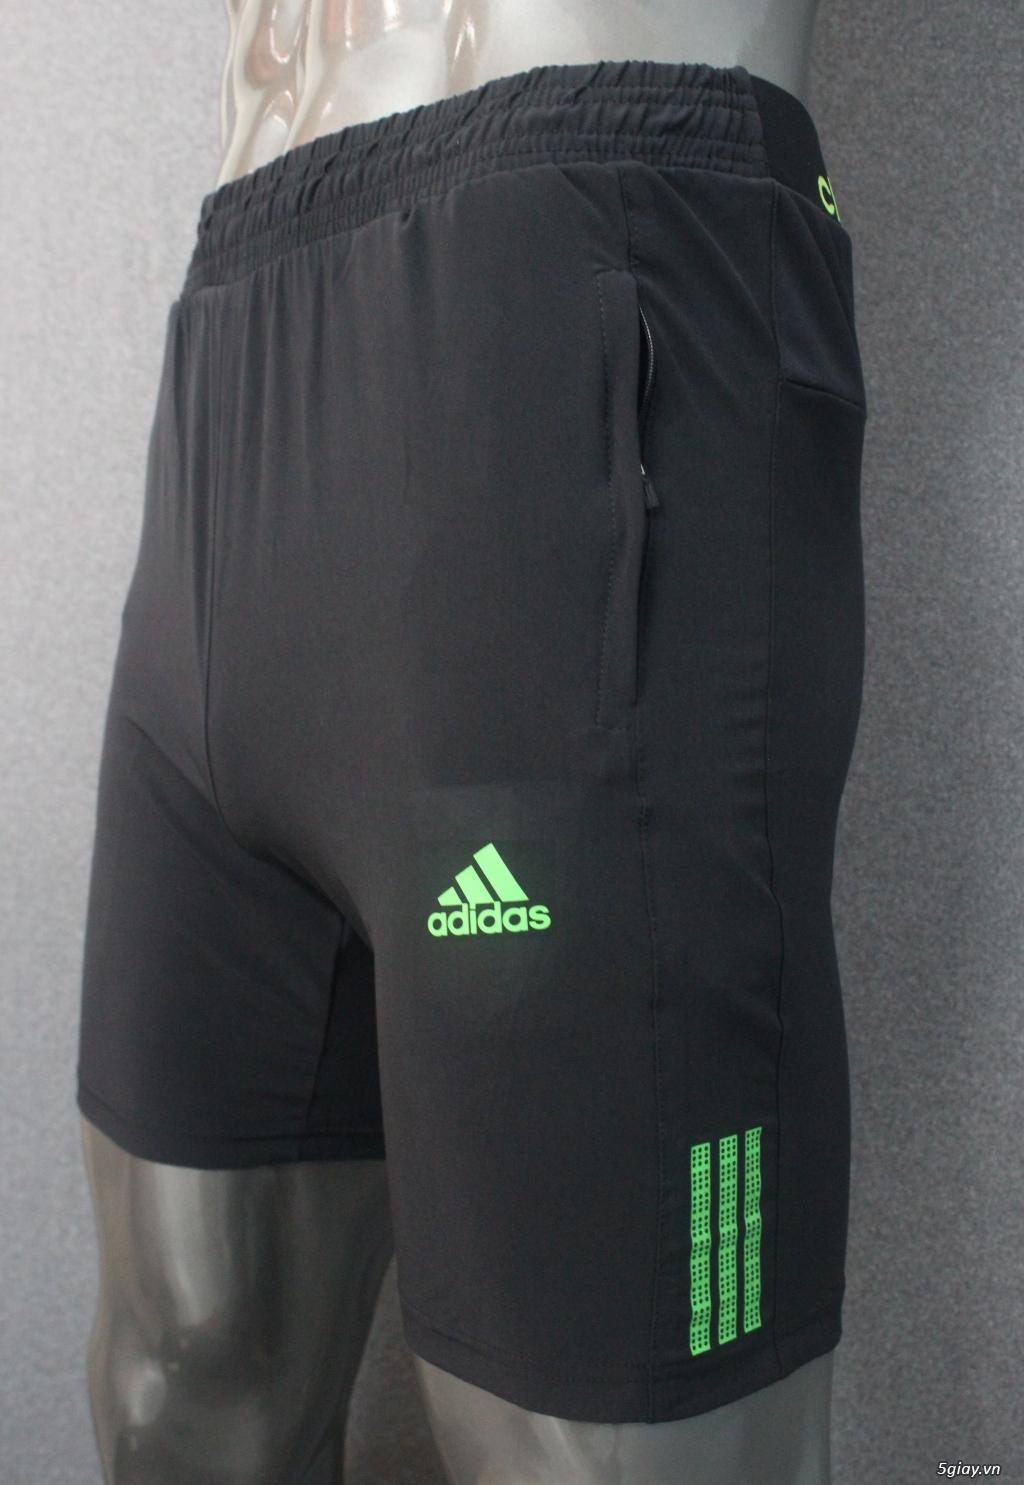 Chuyên cung cấp quần áo thể thao Adidas,Nike,Under Armour,Puma...trên Toàn Quốc giá xưởng - 31